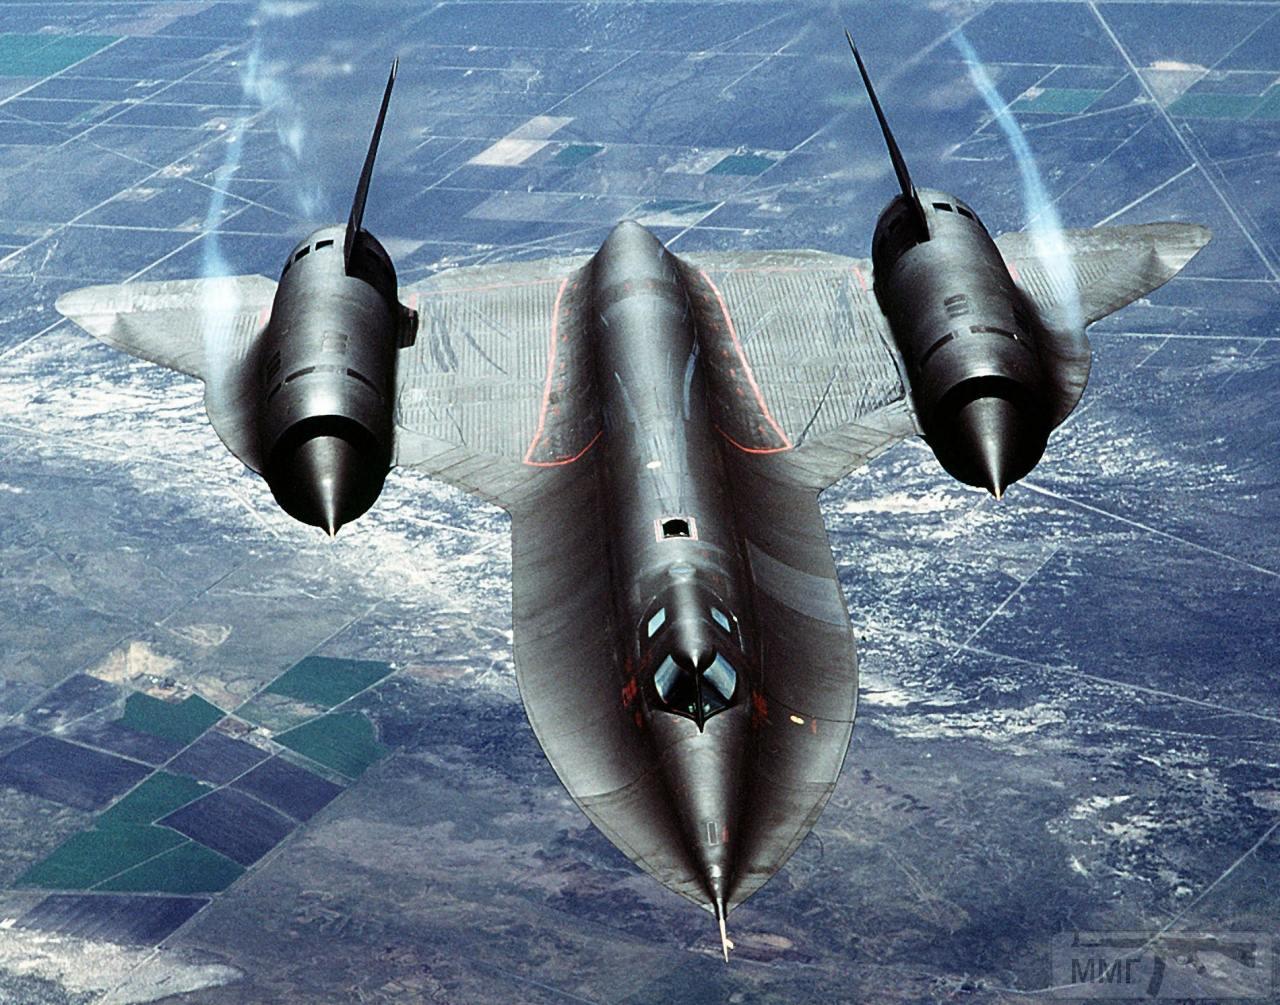 27209 - Красивые фото и видео боевых самолетов и вертолетов